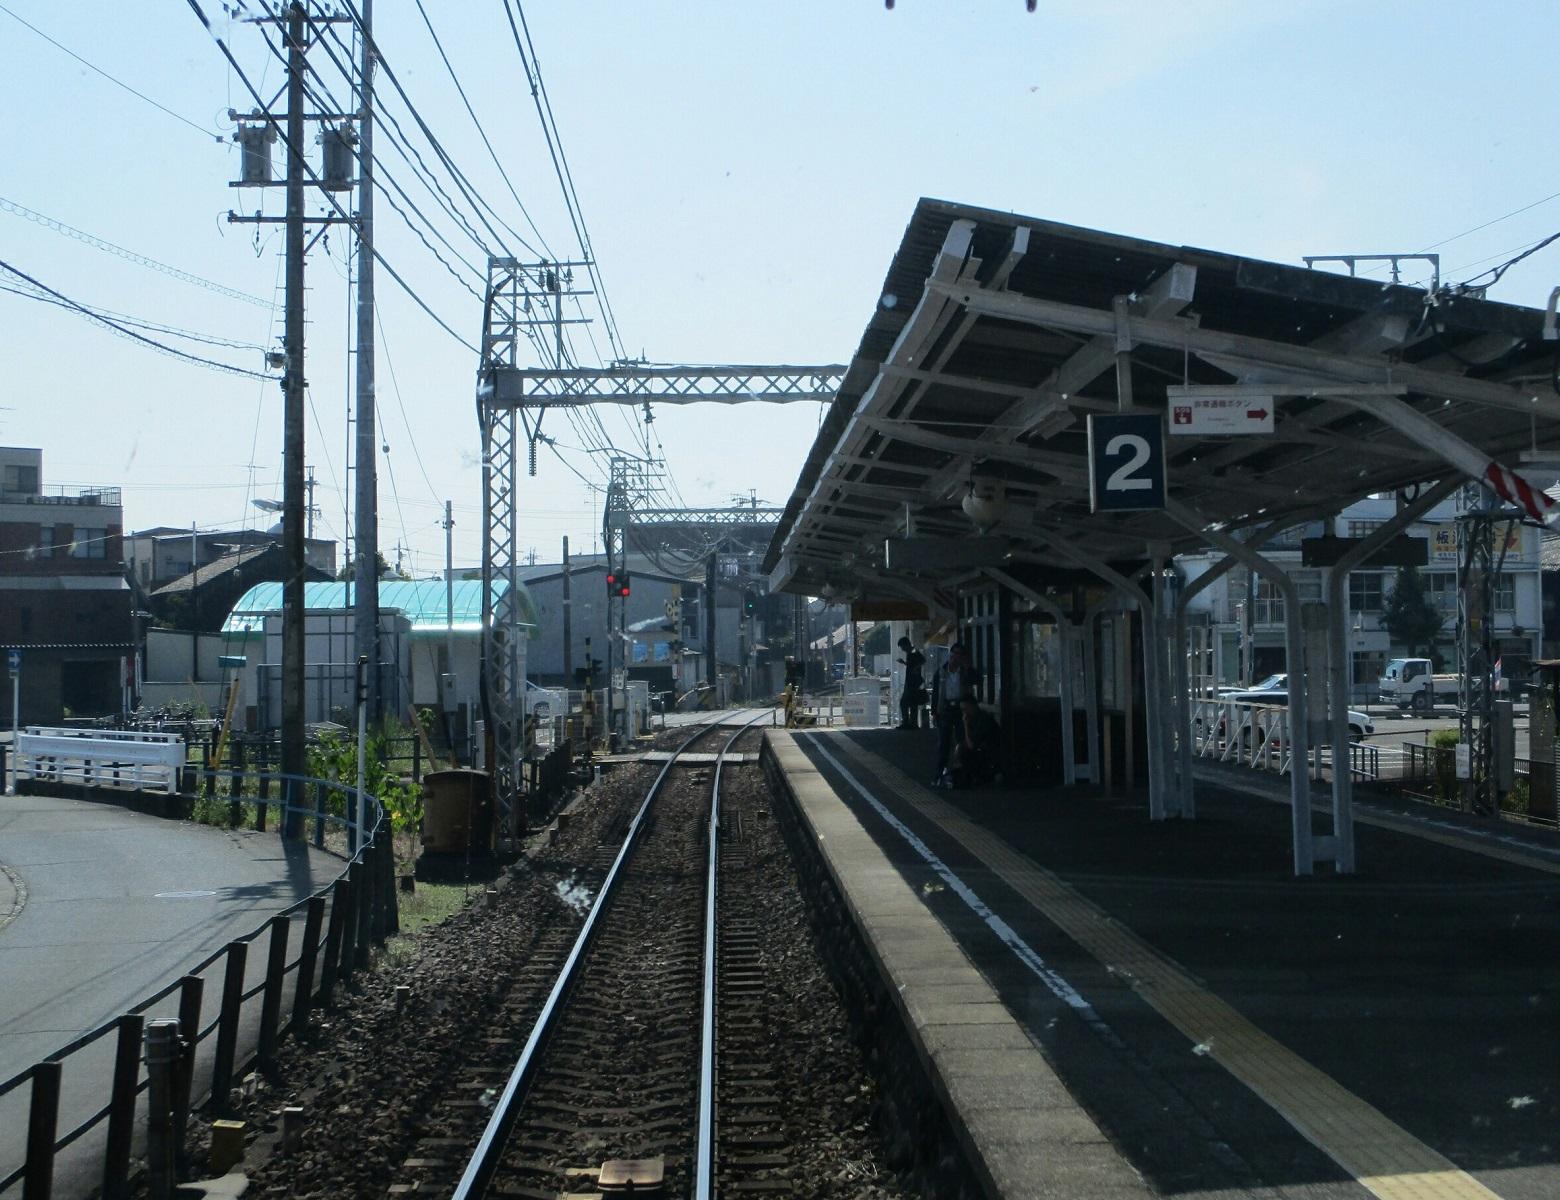 2018.7.18 (11) 須ヶ口いきふつう - 加納 1560-1200